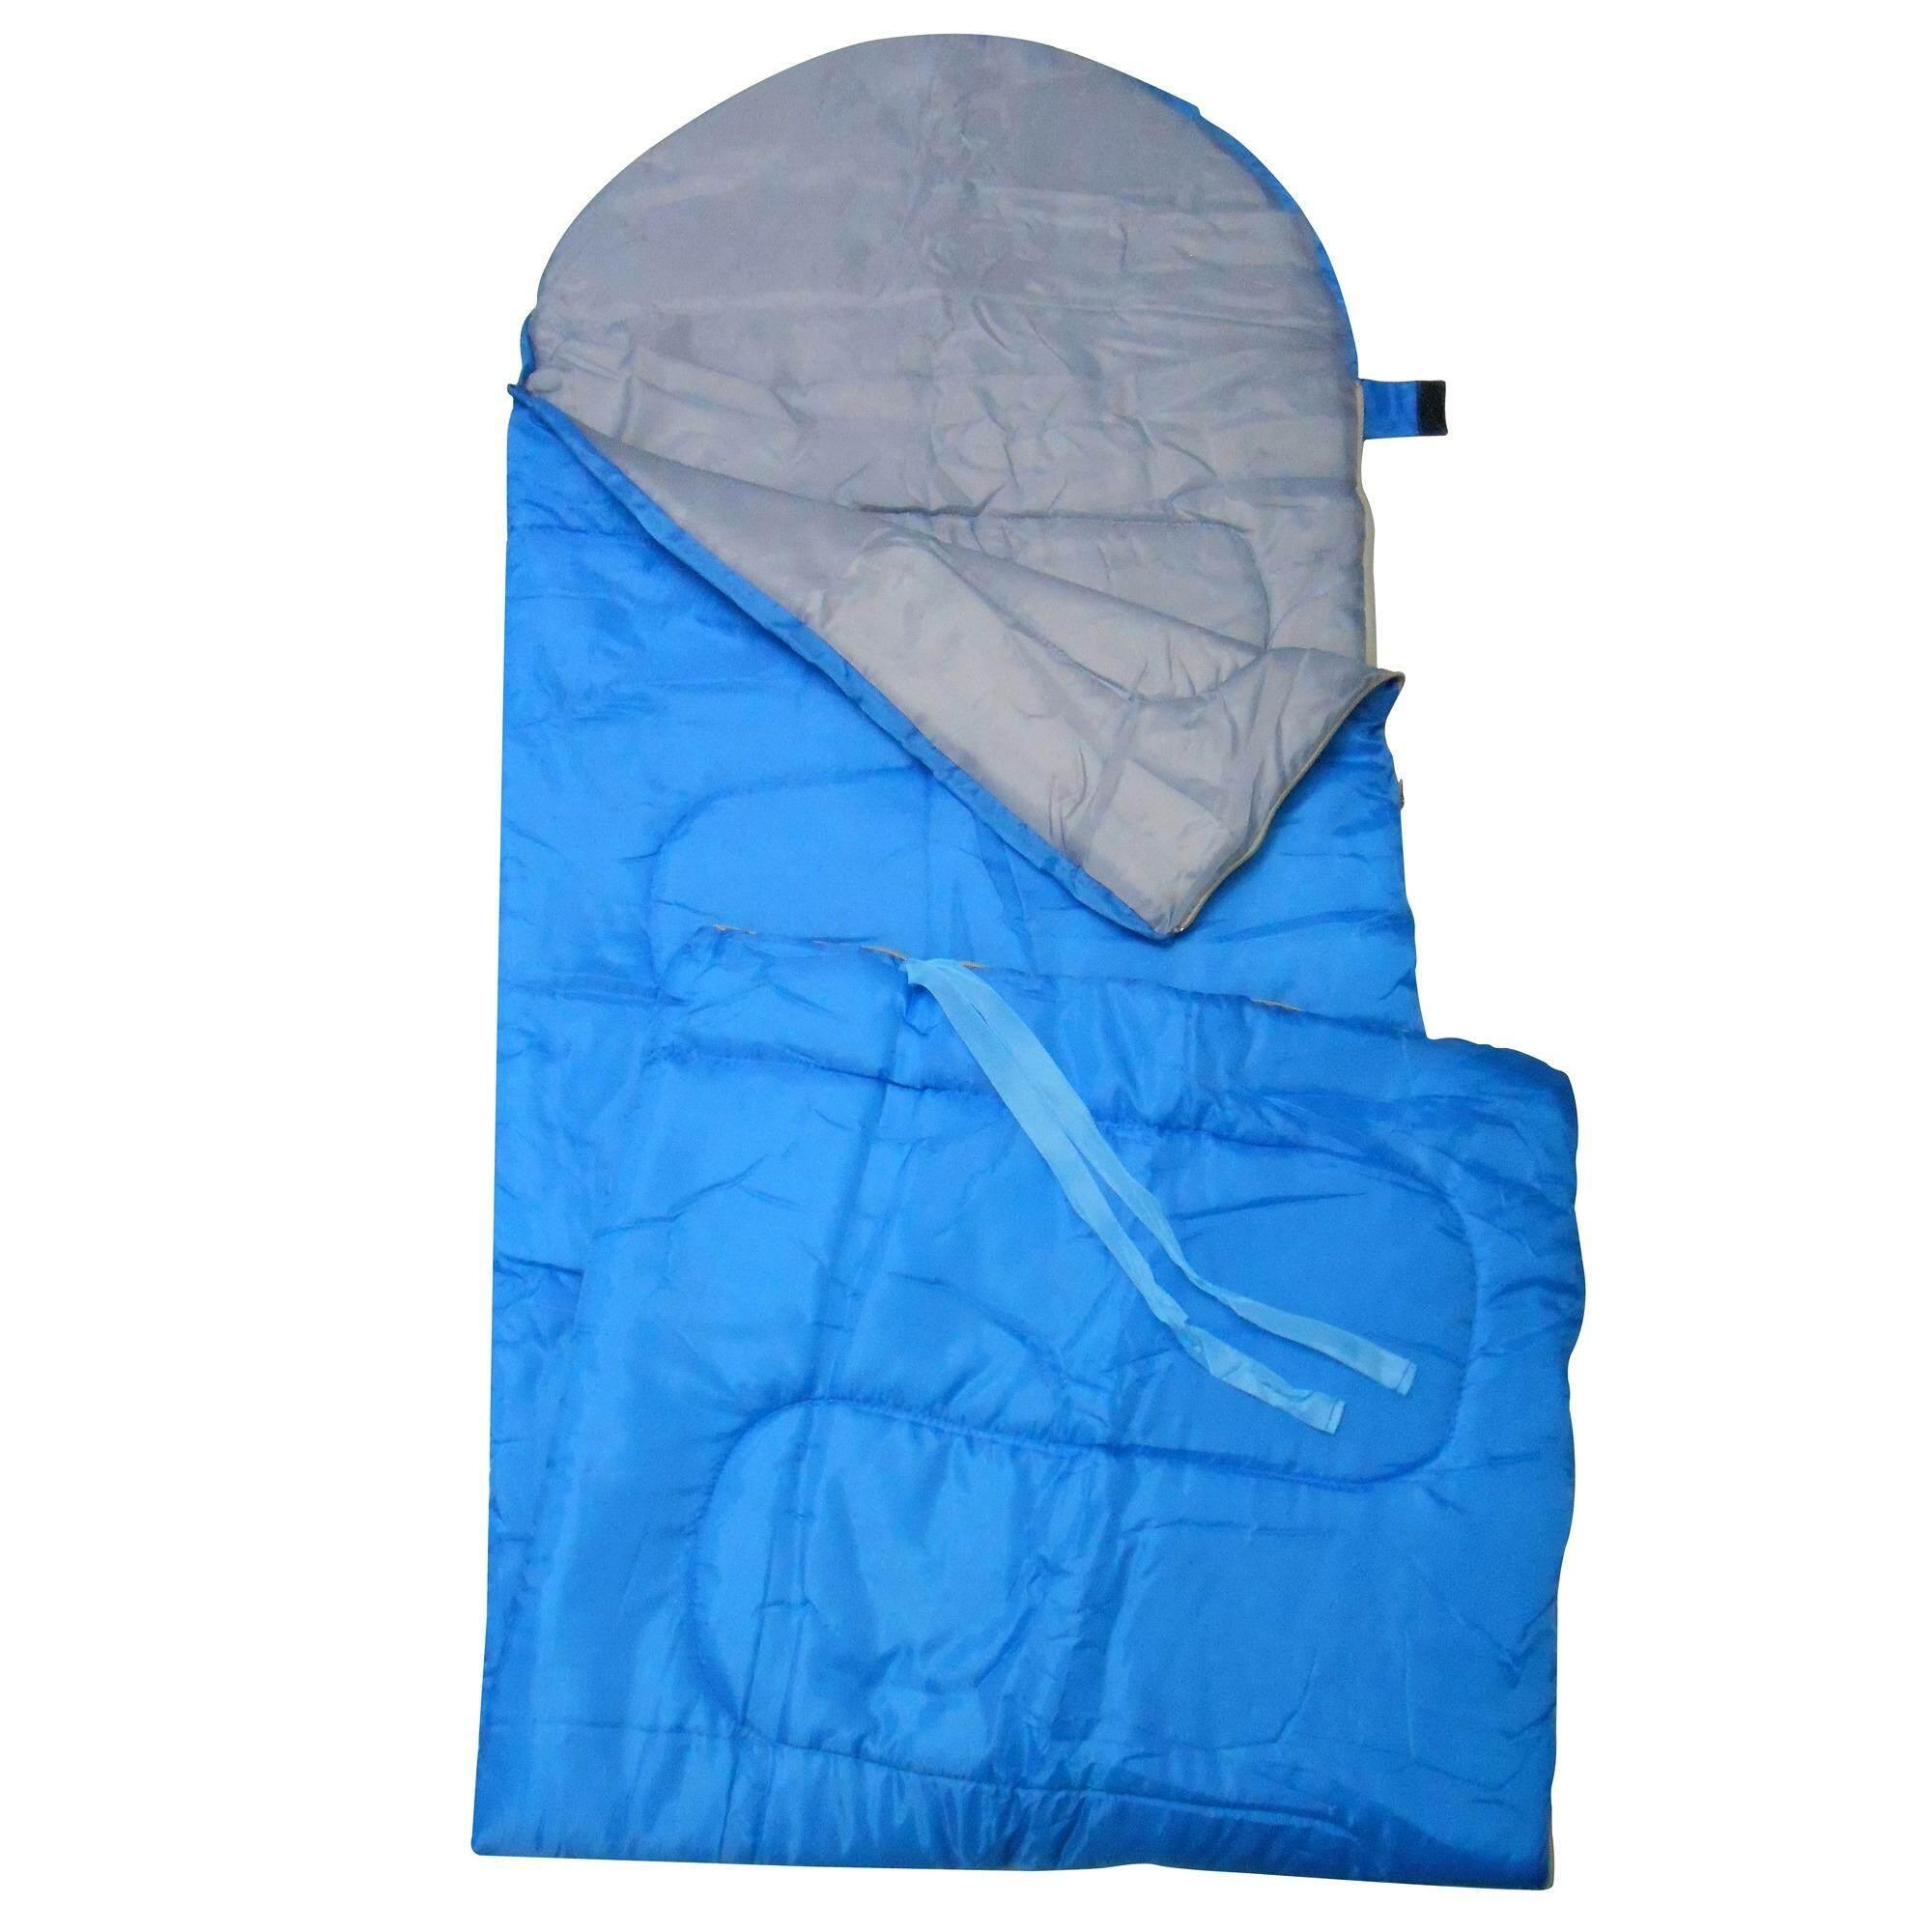 ราคา Travel Mart ถุงนอนใยนุ่ม 250 กรัม รุ่น Sun Wave สีฟ้า ใหม่ล่าสุด